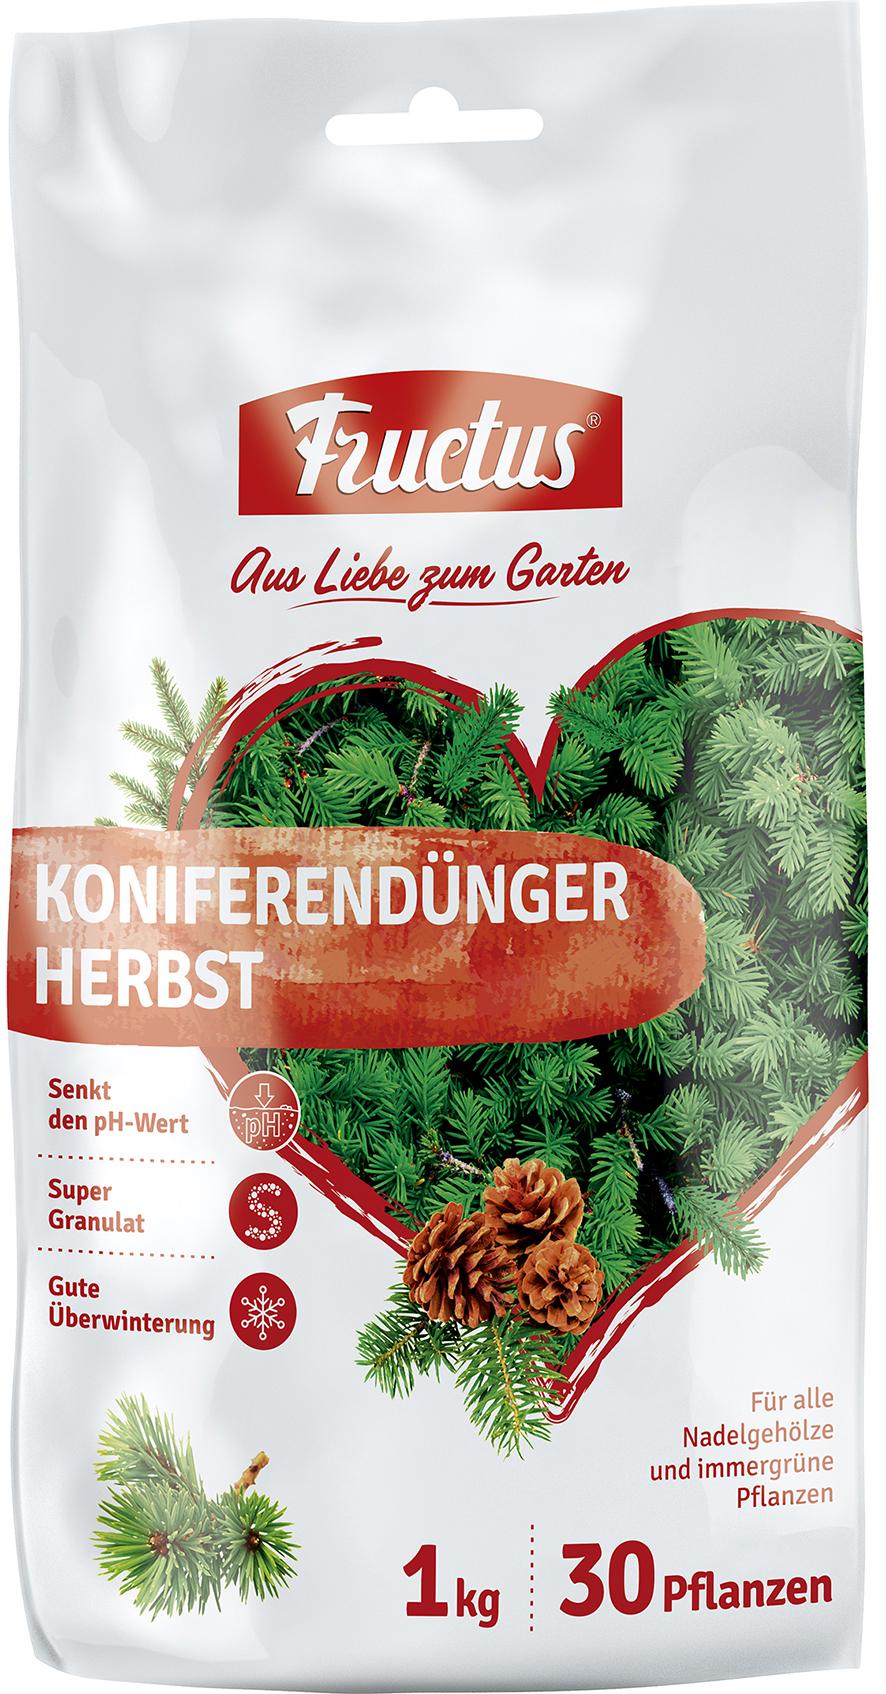 fructus koniferendünger herbst 1 kg